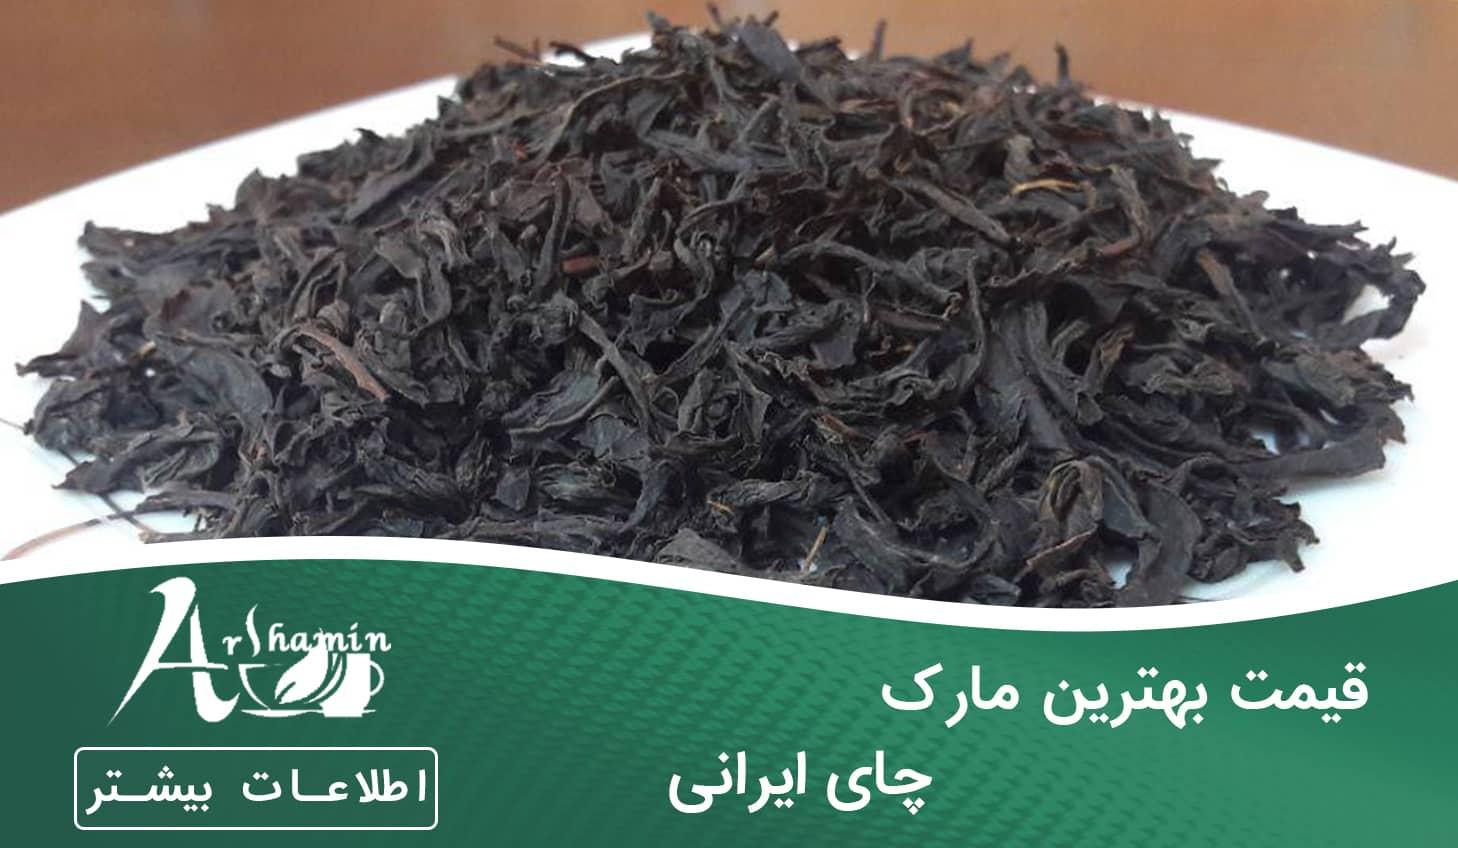 قیمت بهترین مارک چای ایرانی